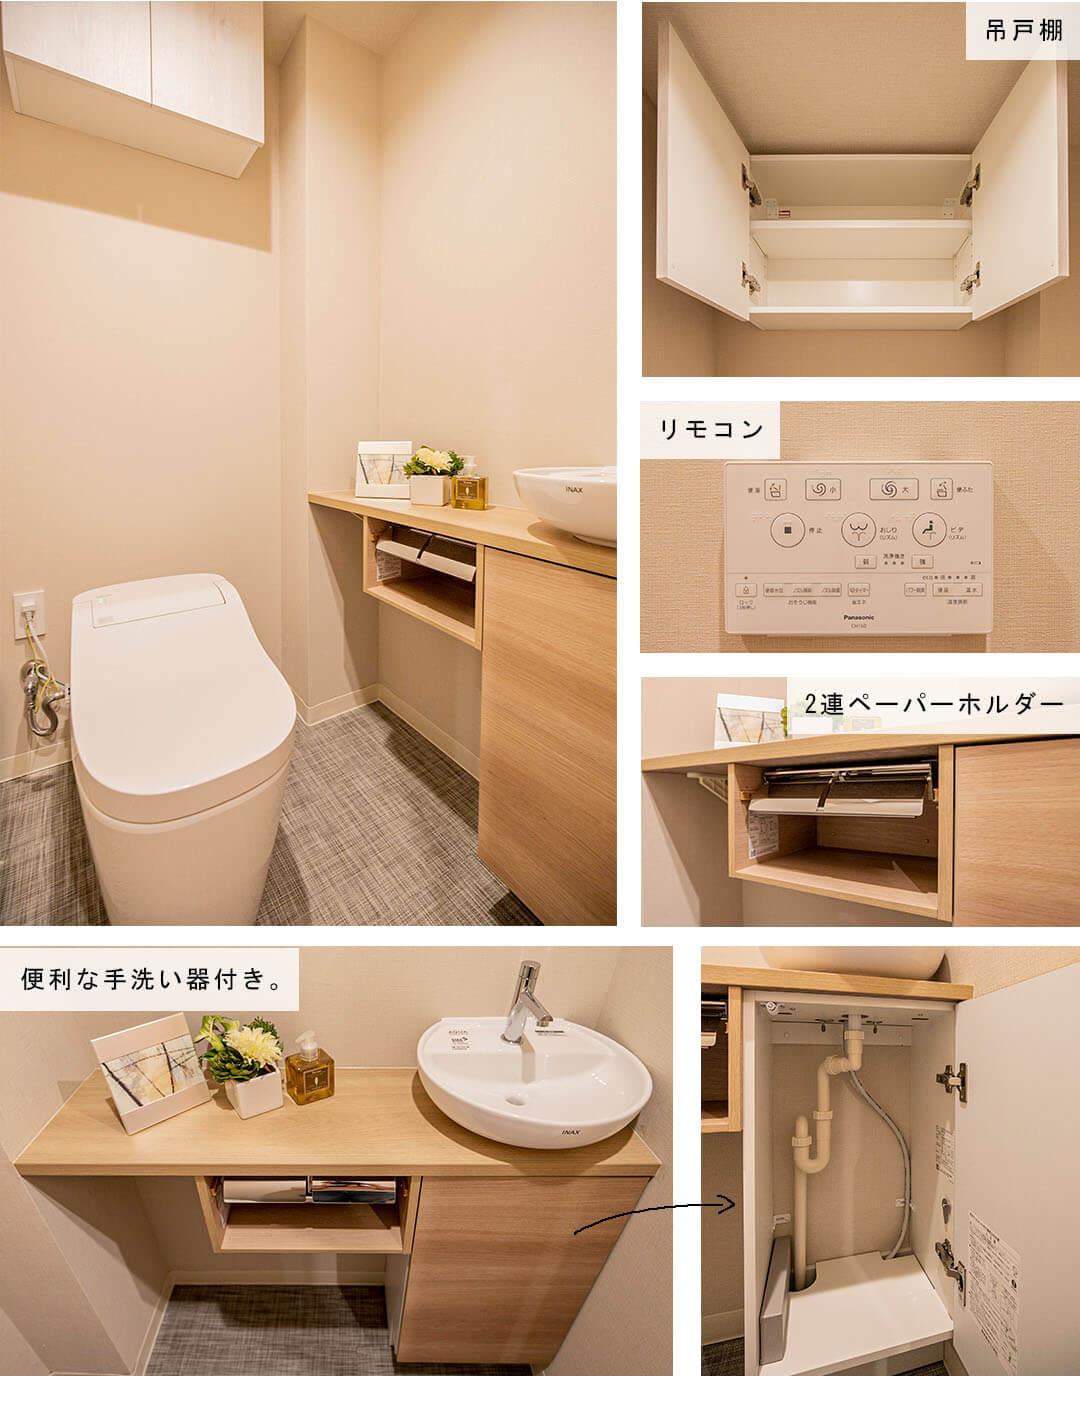 パークハウス駒込桜郷のトイレ